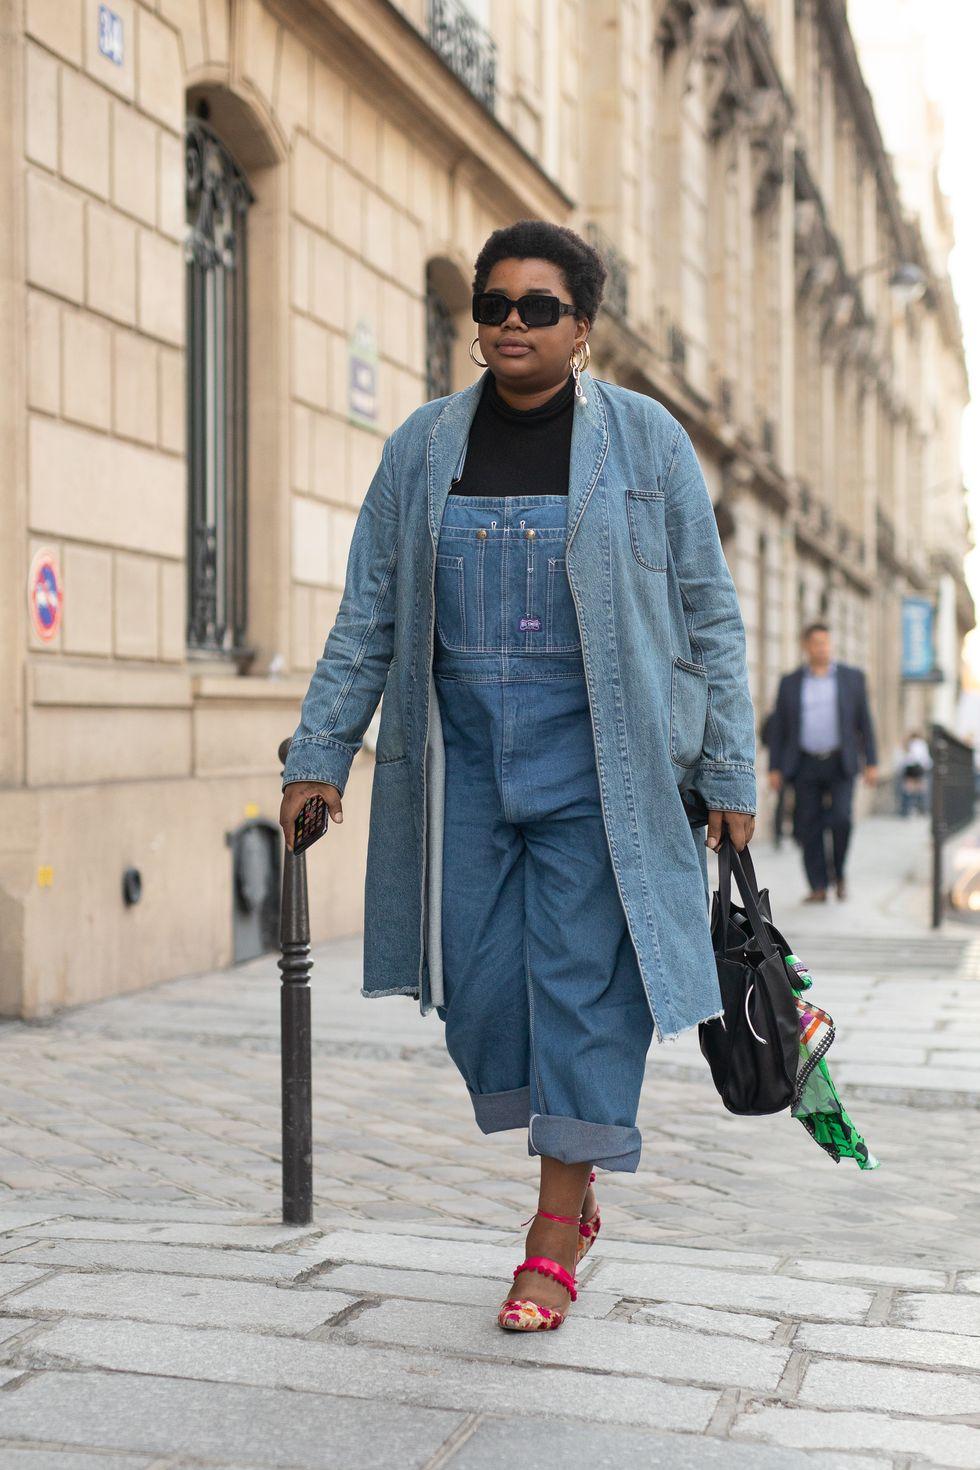 Nhiều người có ngoại hình hơi mũm mĩm thường ngại mặc jean vì sợ nó cứng và trông mập hơn. Thế nhưng, với chei61c yếm jean cộng thêm áo khoác jean, bạn hoàn toàn có thể tự tin  Bạn không bao giờ có thể mặc quá nhiều denim. Hãy tạo ra vẻ ngoài denim-on-denim tối ưu với quần yếm và áo khoác bên ngoài. Bí quyết là giữ hai màu denim tương đồng và phá vỡ tông màu xanh với một phụ kiện sáng màu thông qua giày dép hoặc trang sức của bạn.